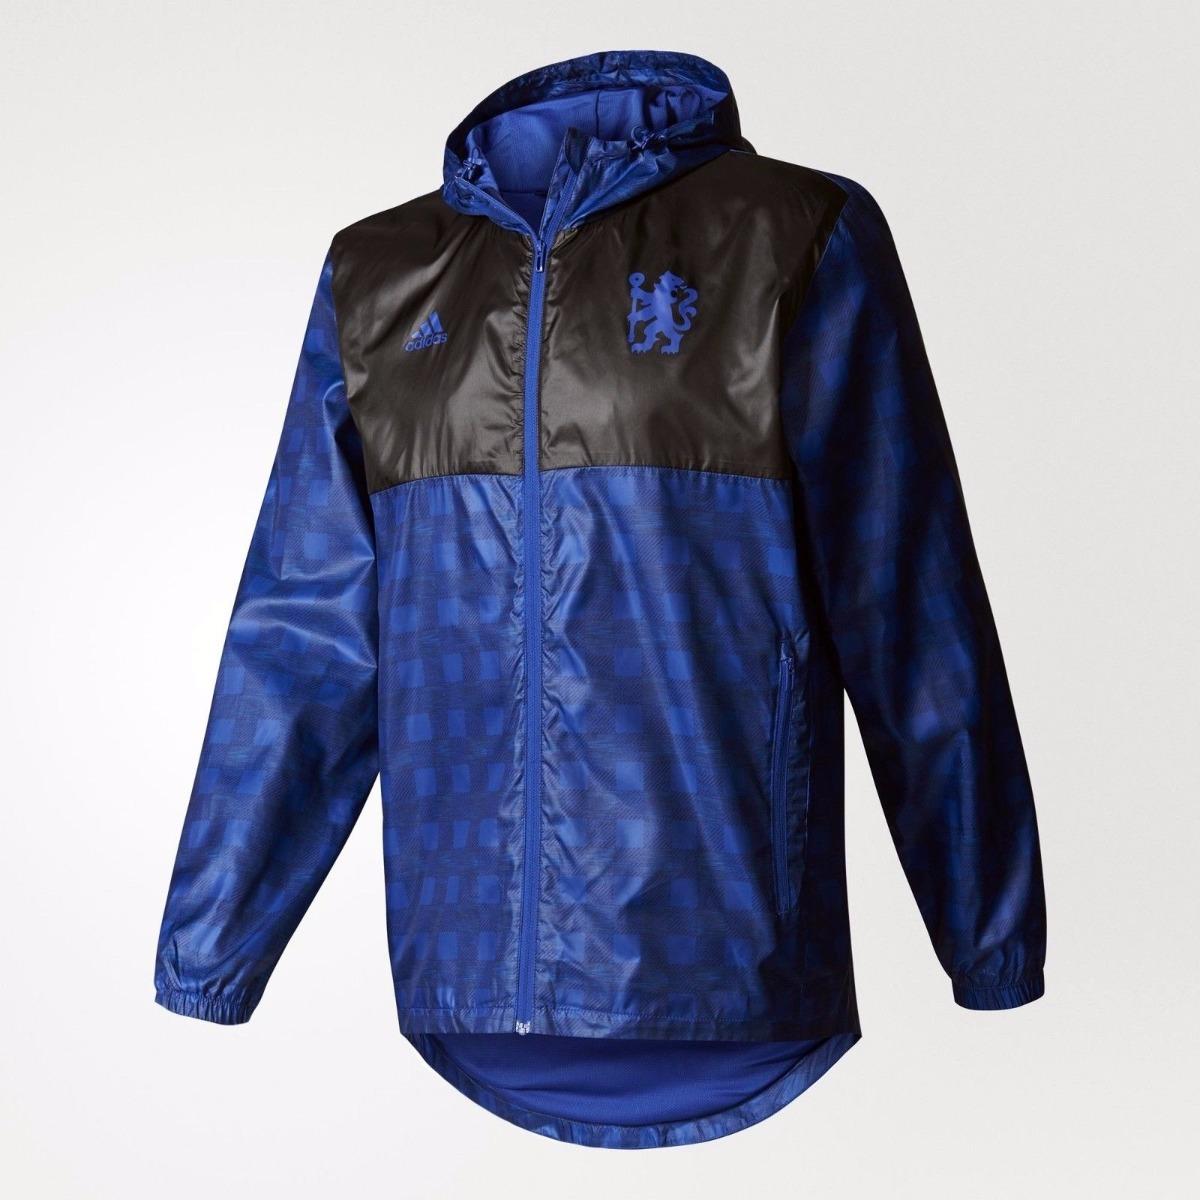 9190c6ea09 jaqueta chelsea adidas corta vento original. Carregando zoom.